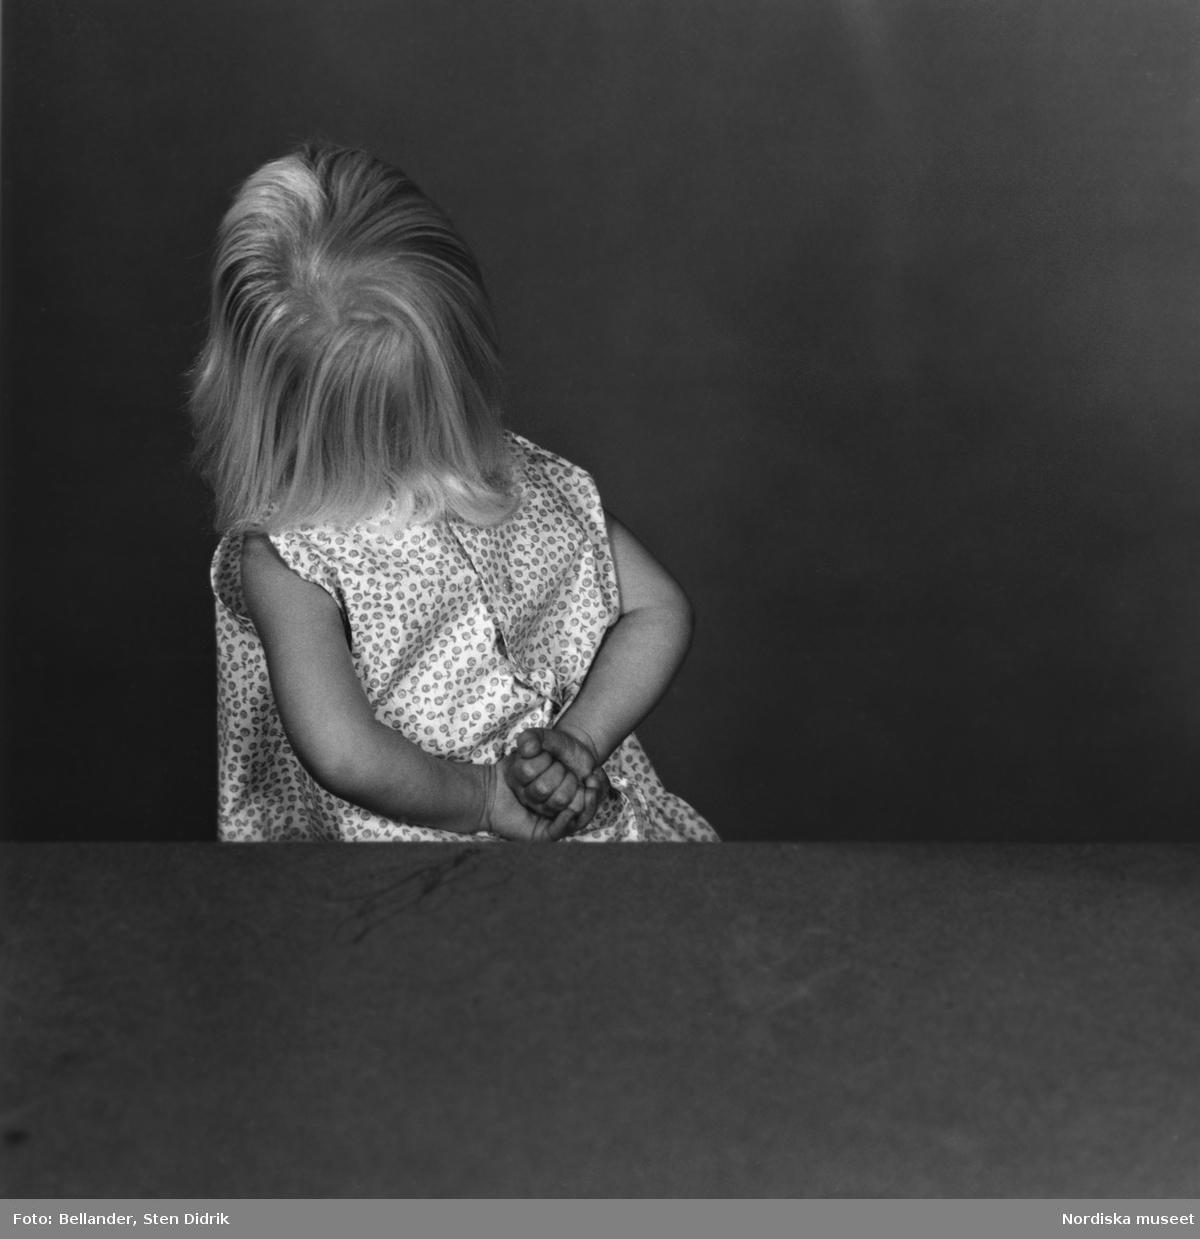 Barnporträtt. Liten flicka i blommig sommarklänning har vänt sig bort från kameran med händerna på ryggen.